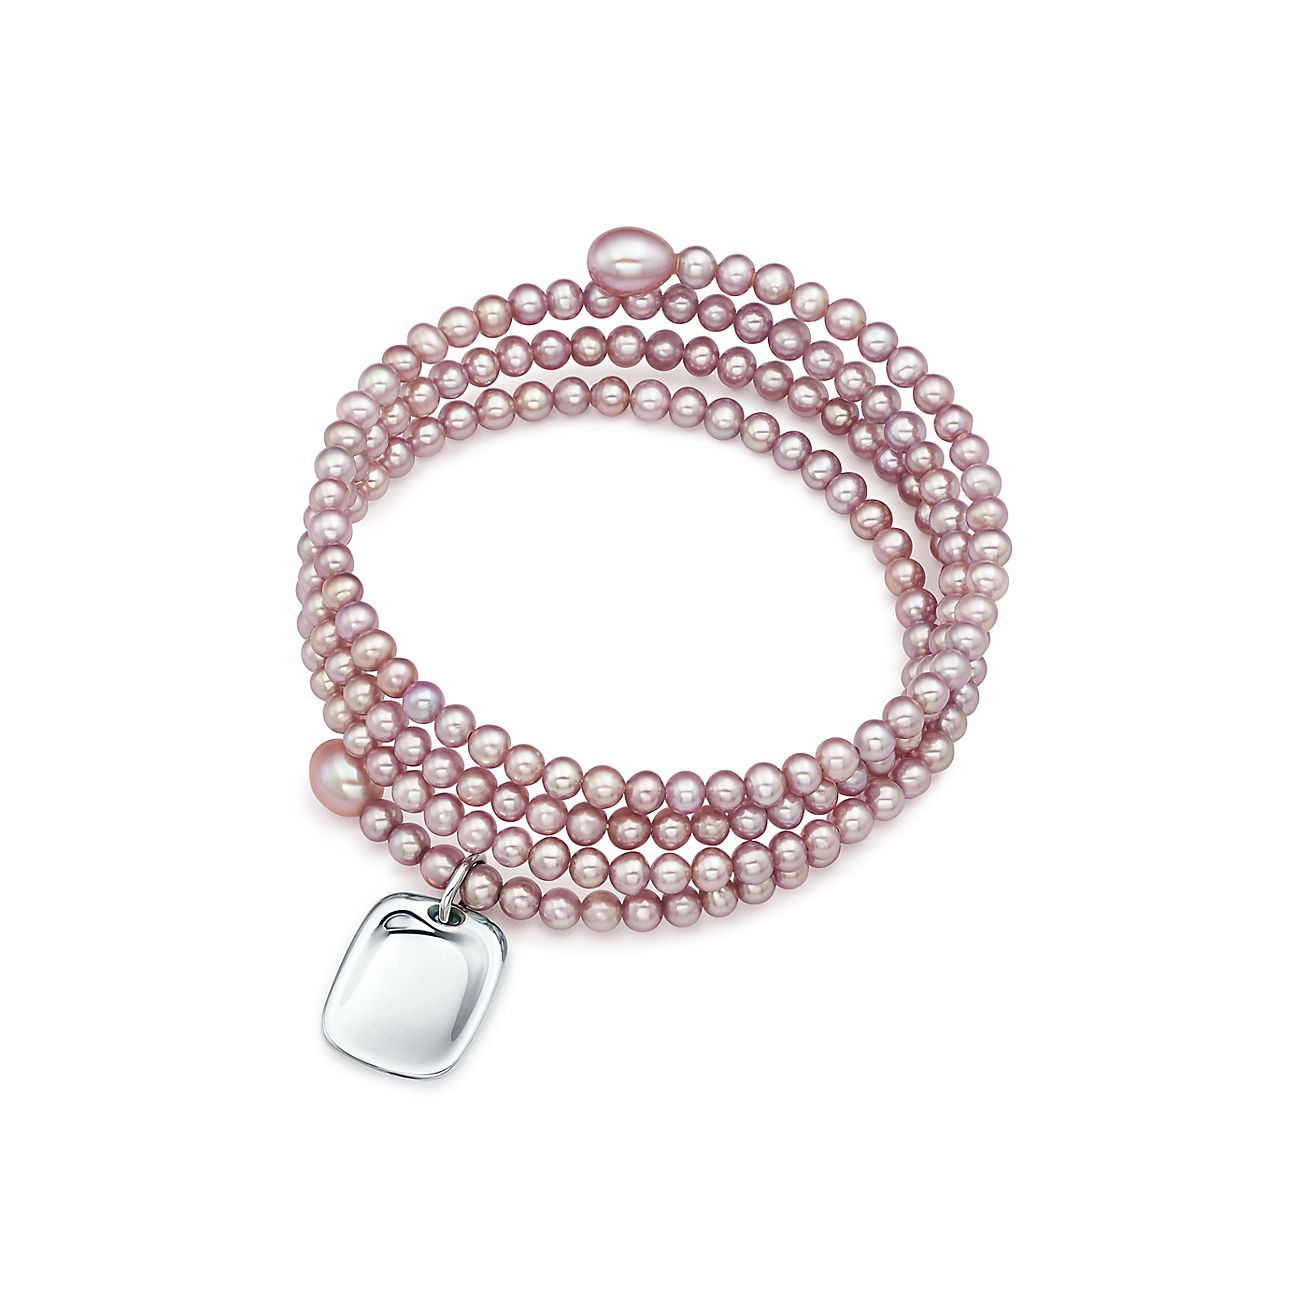 Elsa Peretti Three Row Pearl Bracelet